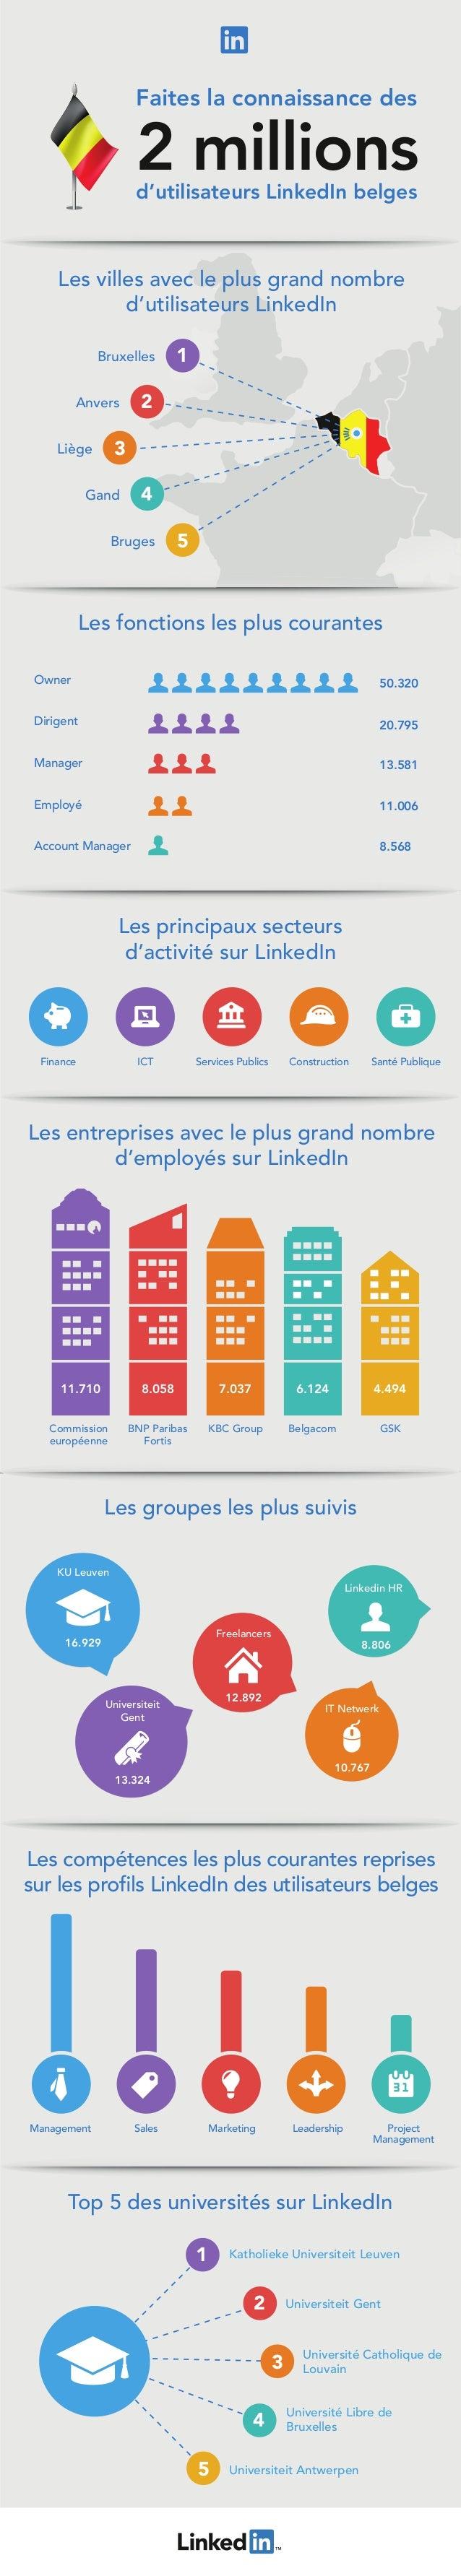 2 millionsd'utilisateurs LinkedIn belges Faites la connaissance des Les principaux secteurs d'activité sur LinkedIn Les fo...